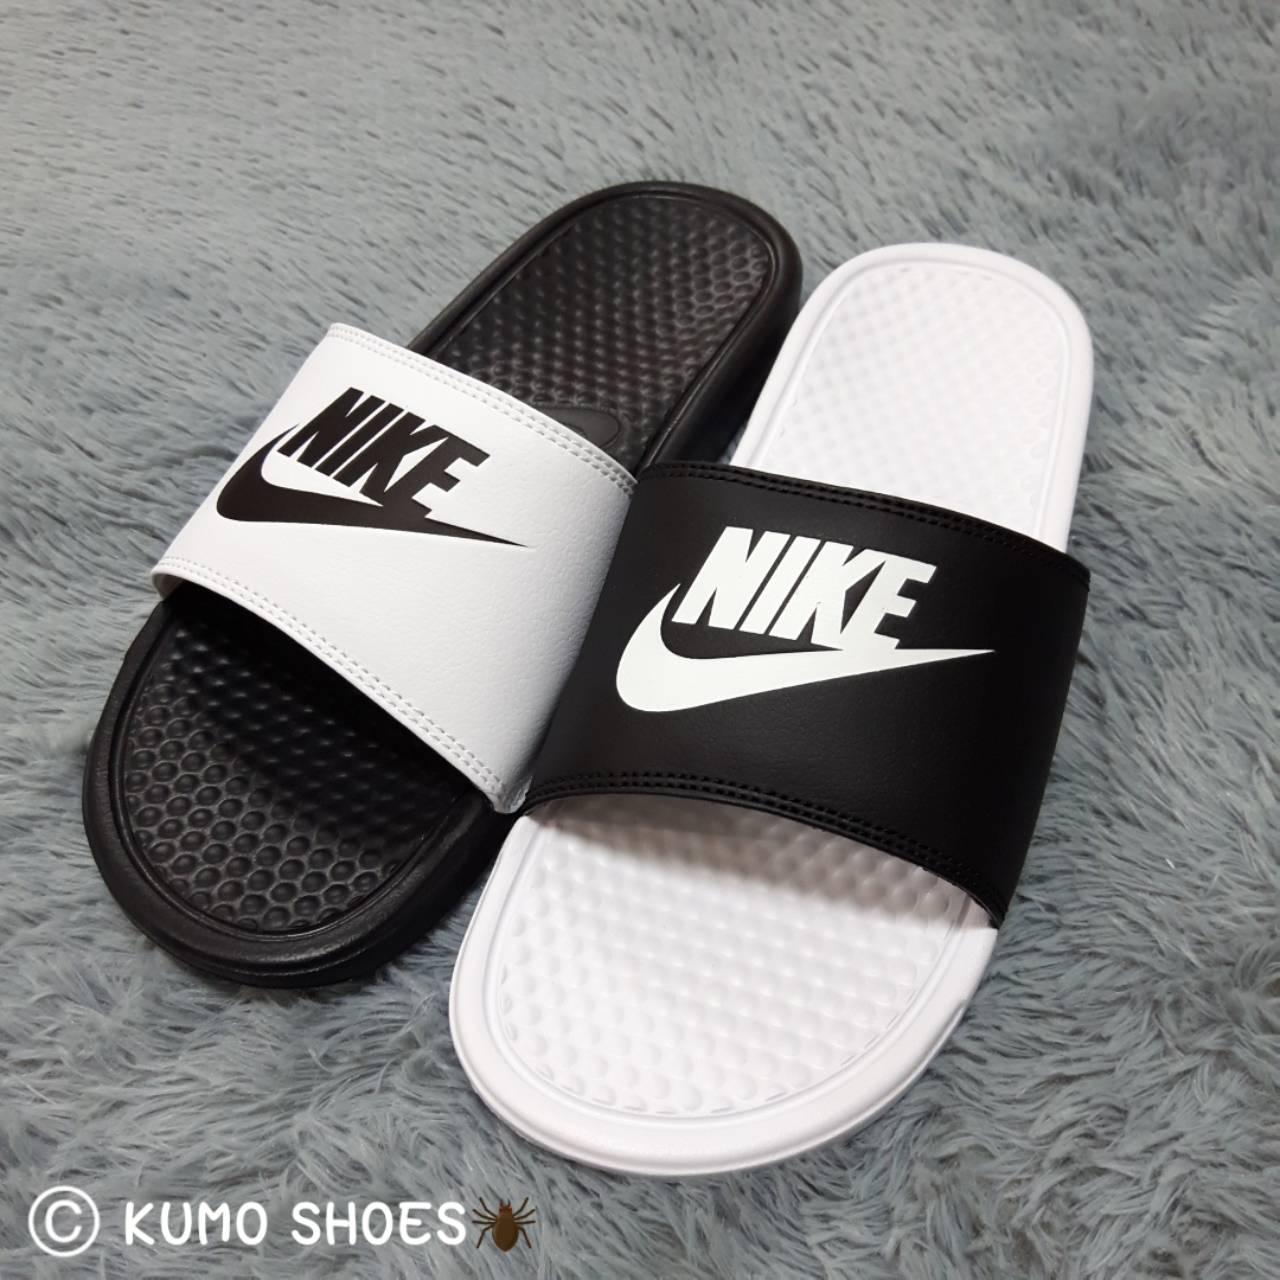 NIKE 陰陽 拖鞋 黑 白 涼鞋 拖鞋 男女鞋 818736-011